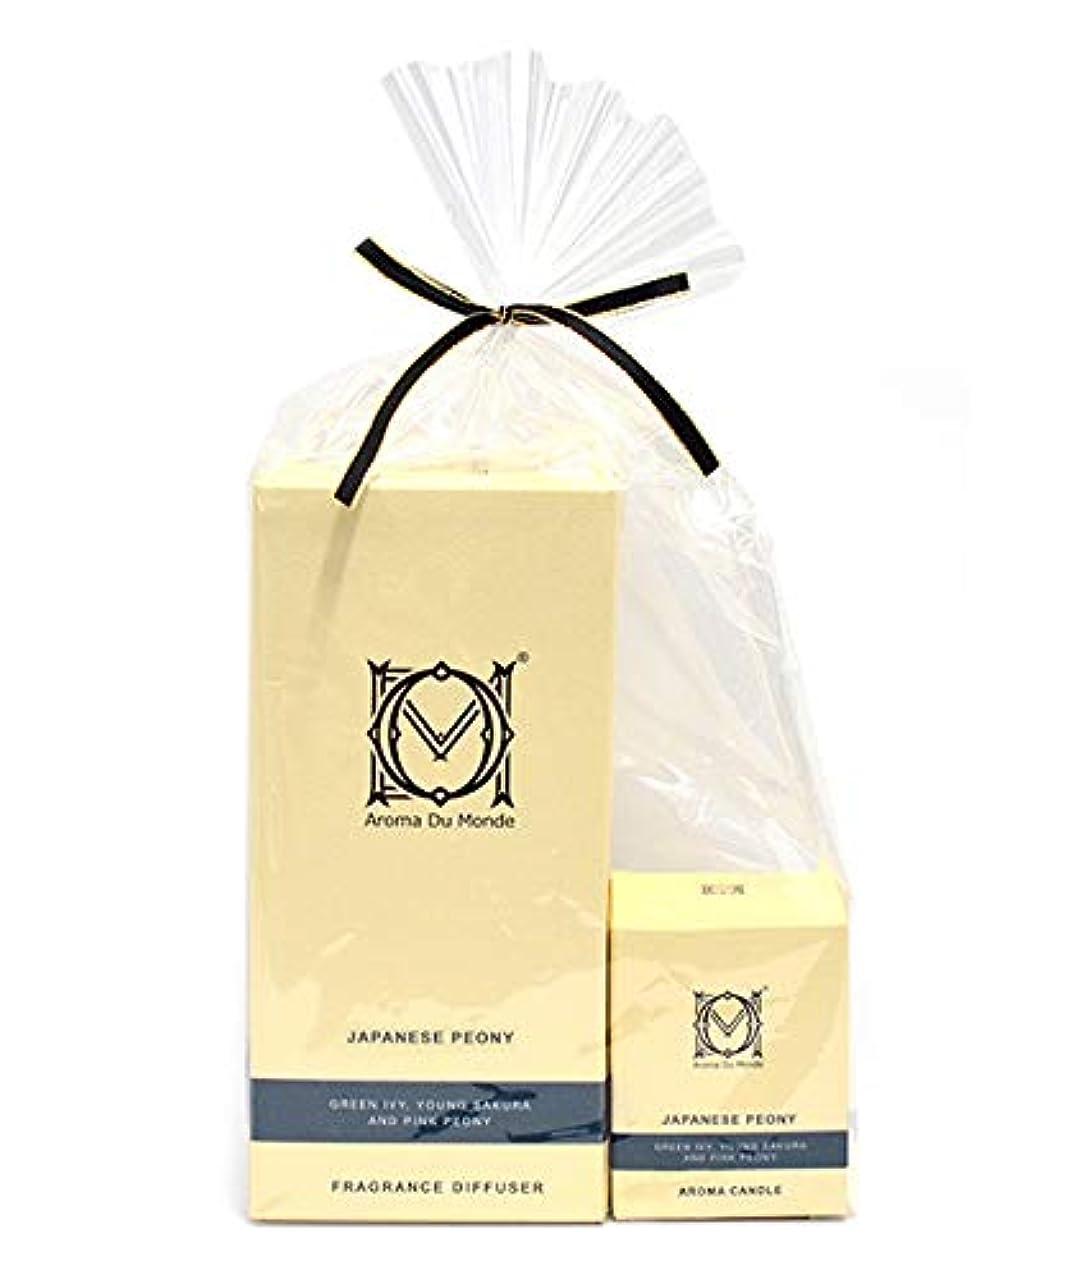 正義変位ジョージハンブリーフレグランスディフューザー&キャンドル JPピオニー セット Aroma Du Monde/ADM Fragrance Diffuser & Candle Japanese Peony Set 81158